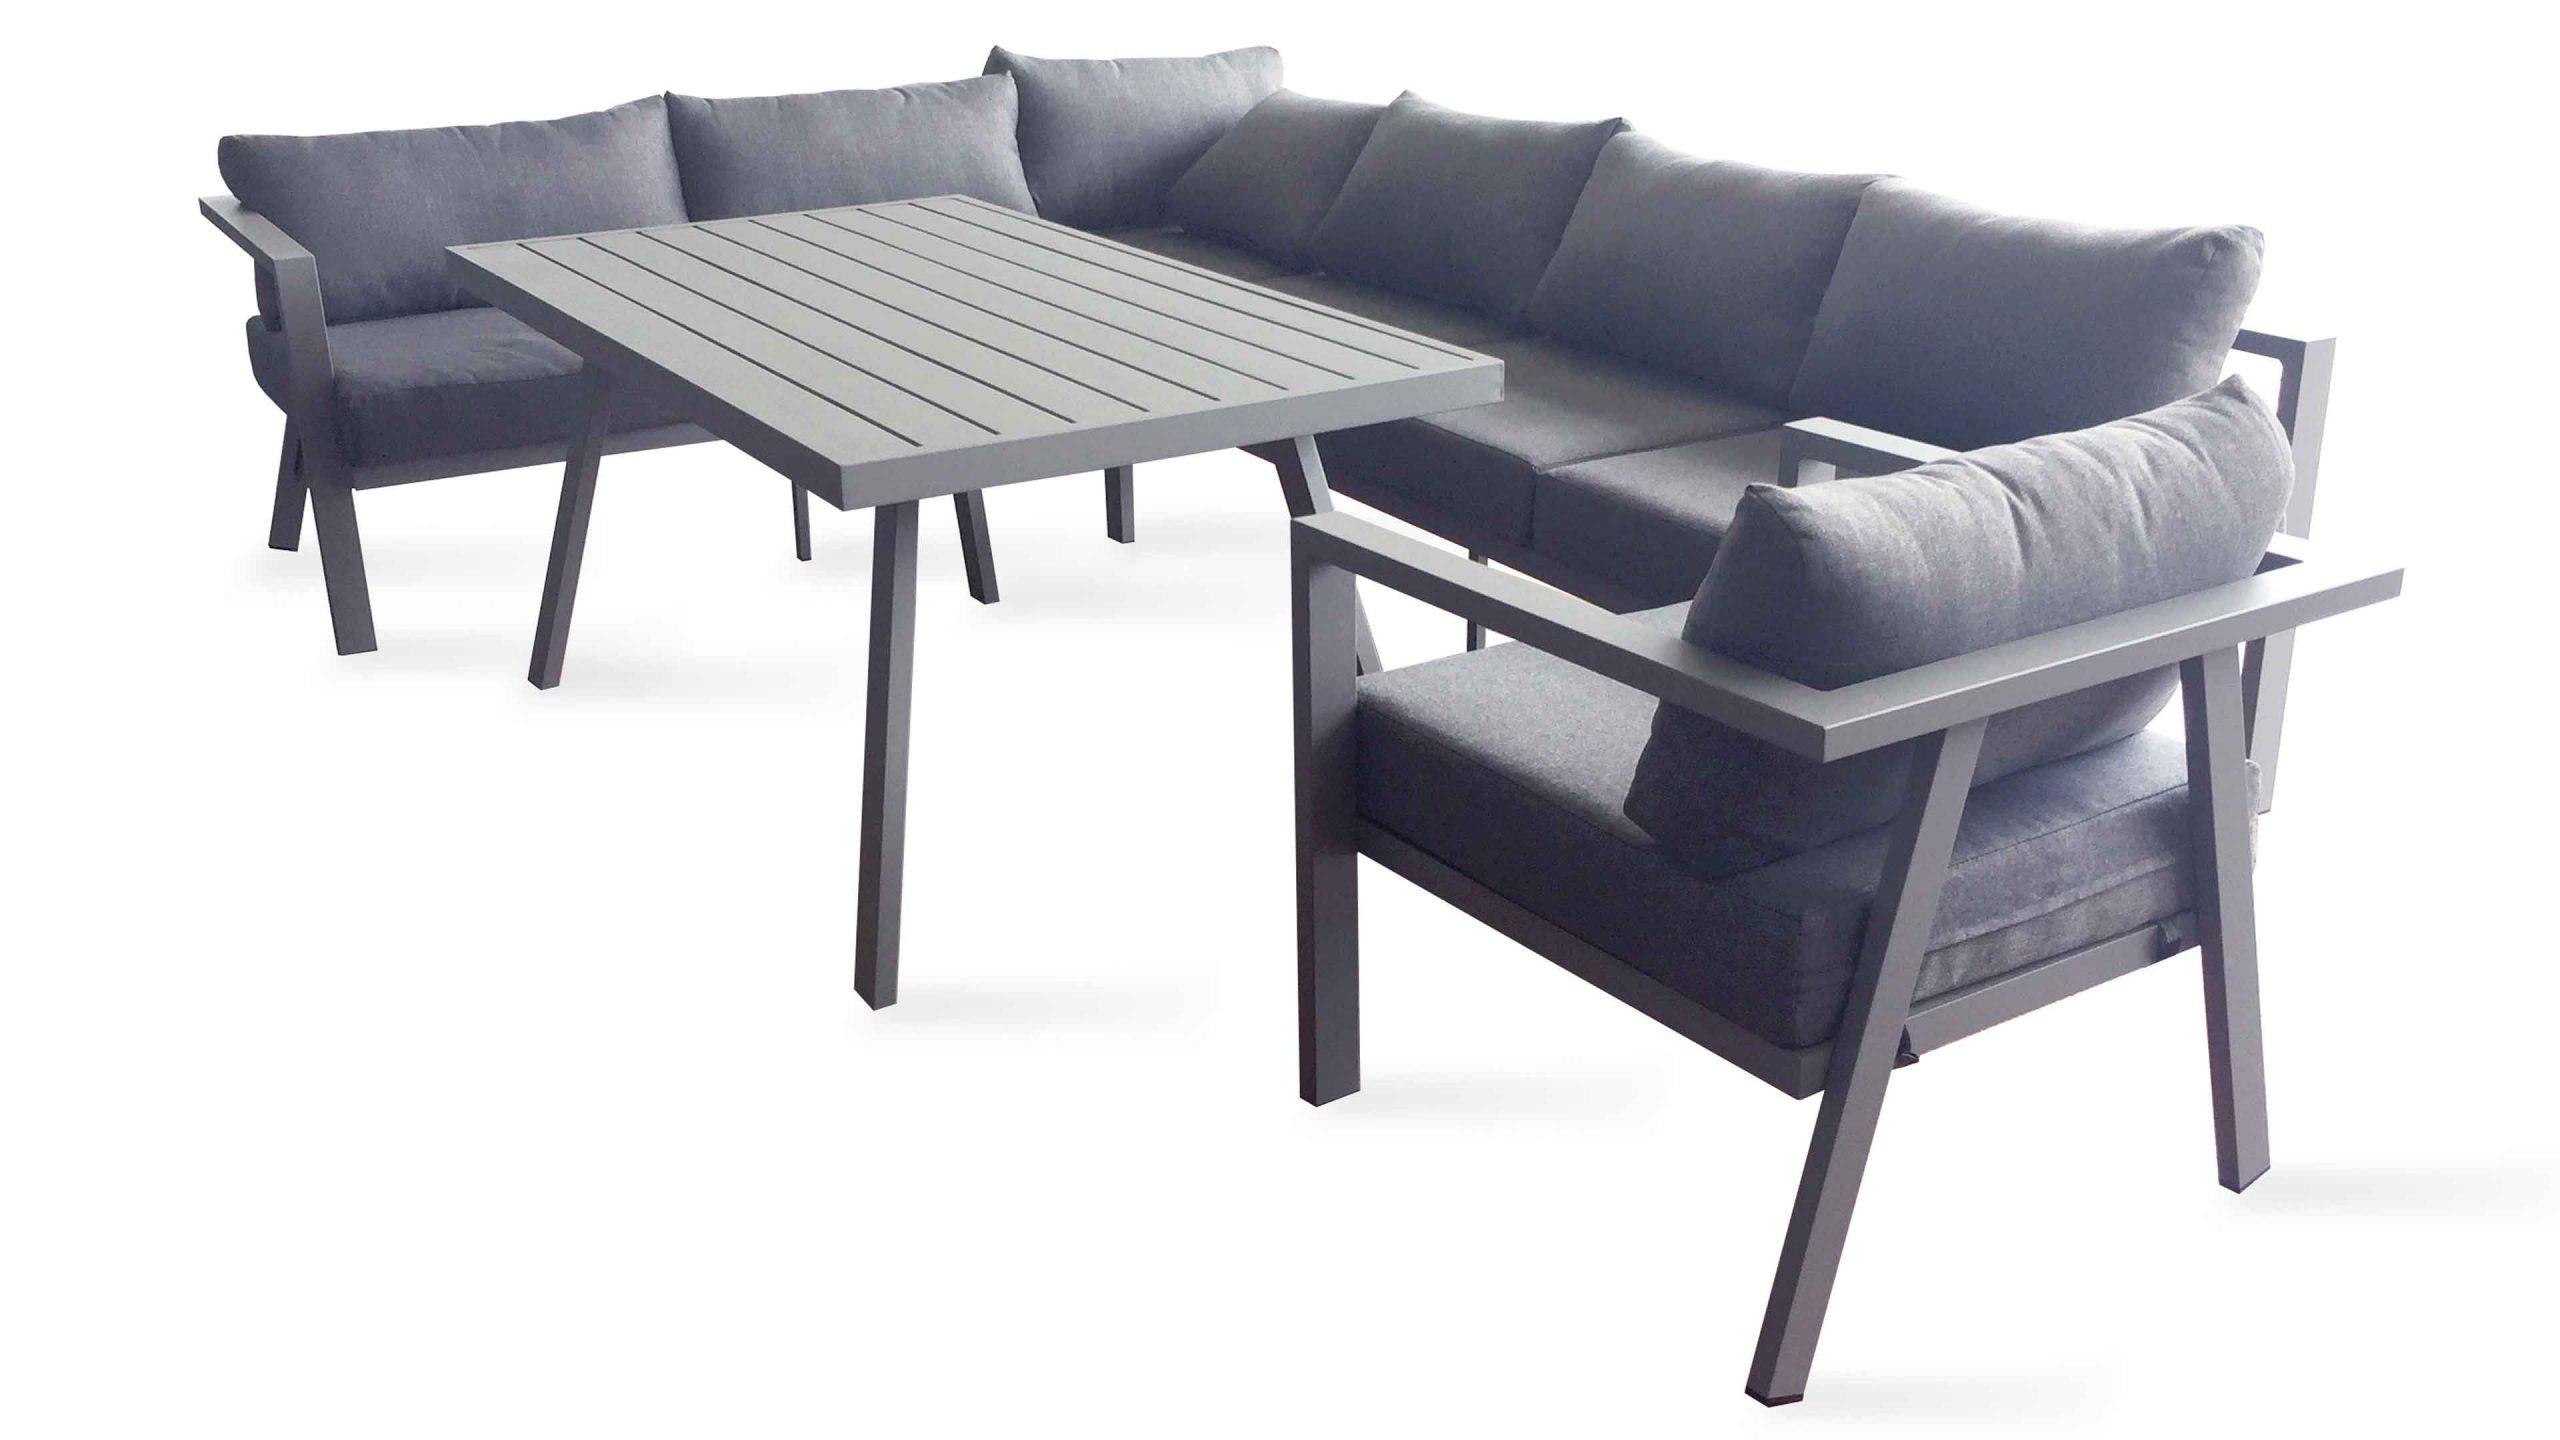 Salon De Jardin Angle Aluminium - The Best Undercut Ponytail intérieur Canapé De Jardin Aluminium